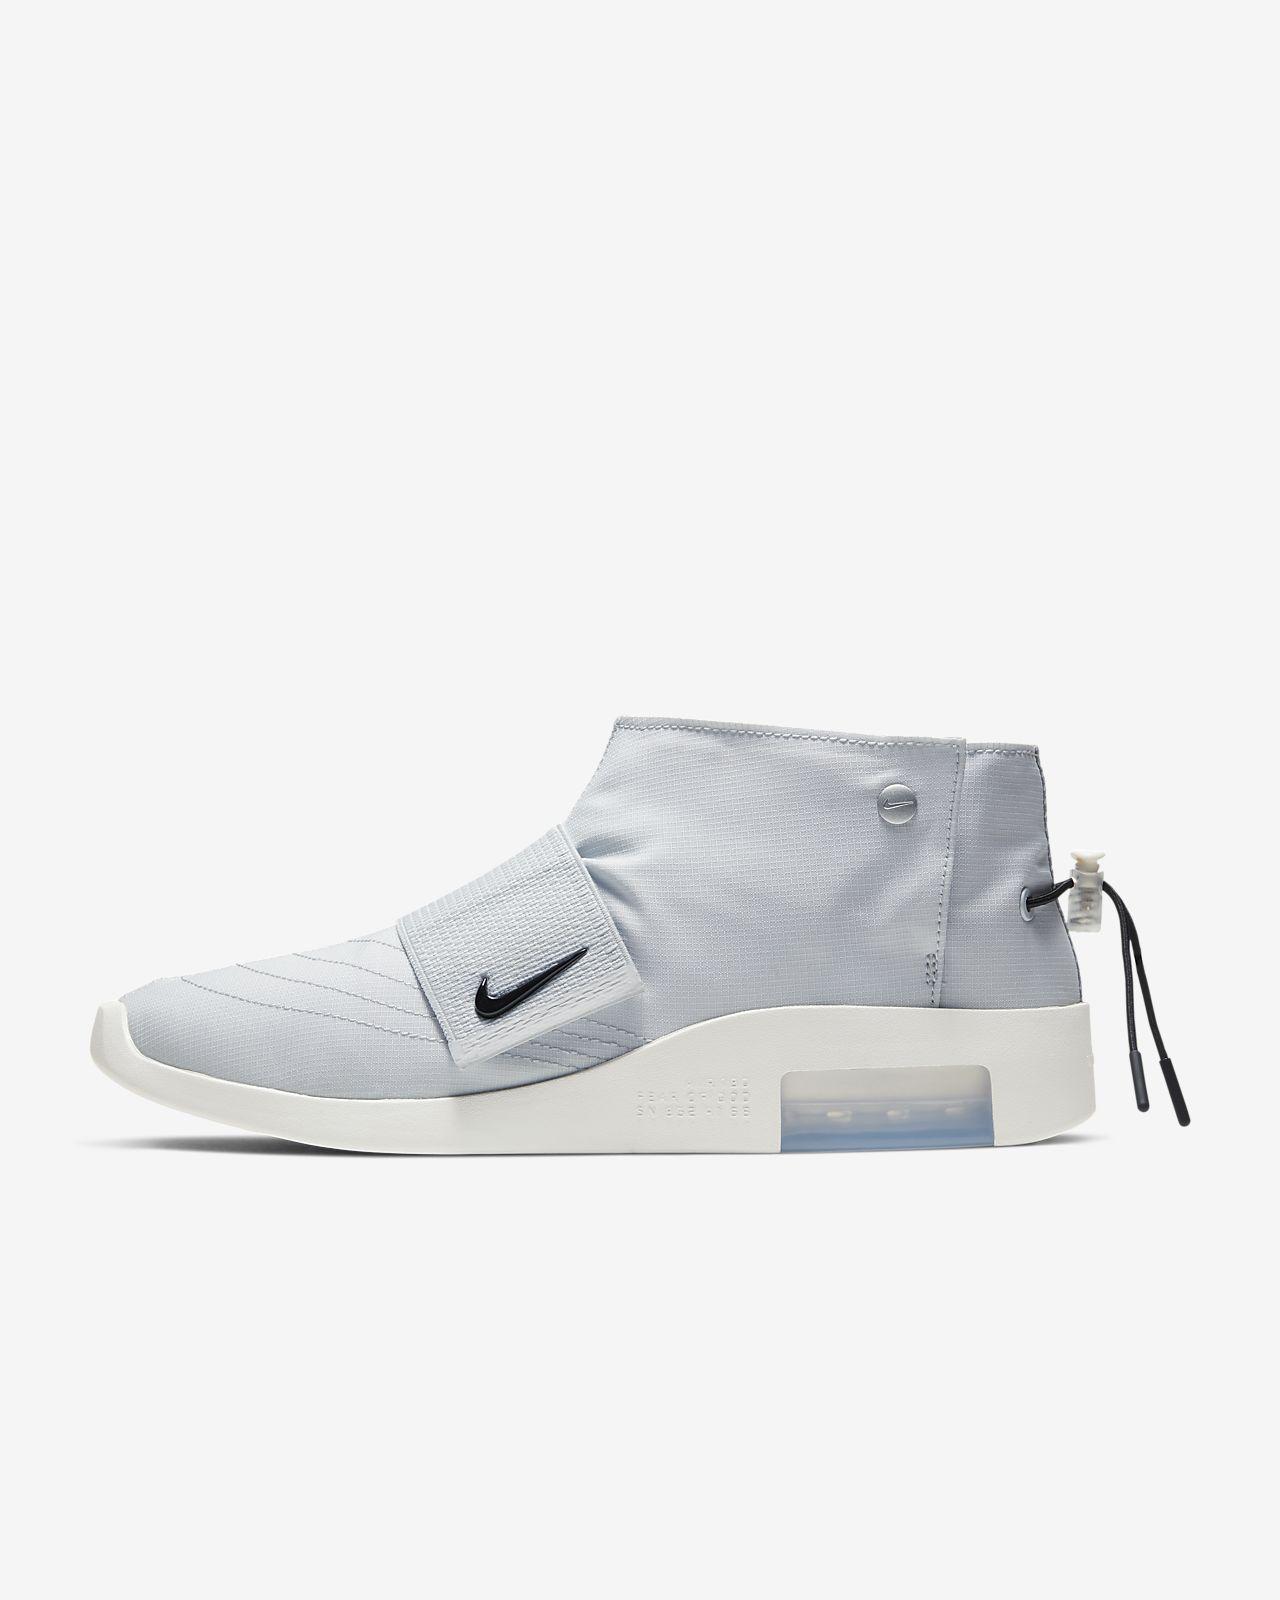 รองเท้าม็อคคาซินผู้ชาย Nike Air x Fear of God